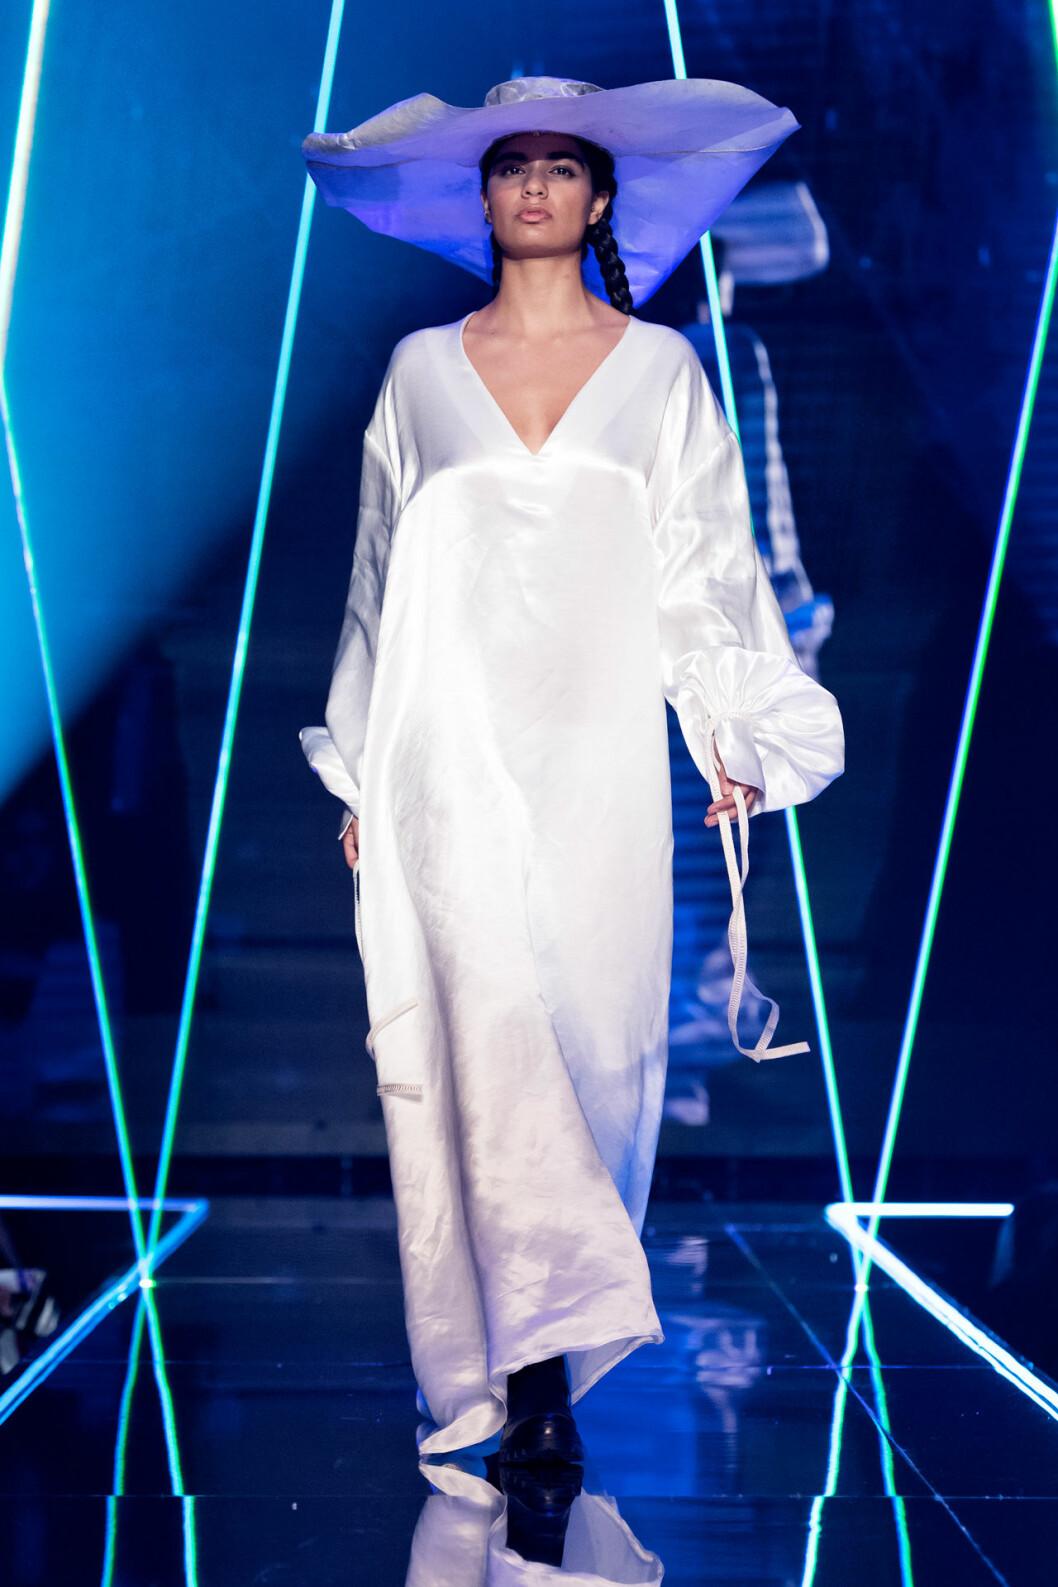 Vit klänning med stor huvudbonad från visningen av årets nykomling Amanda Borgfors Mészáros.